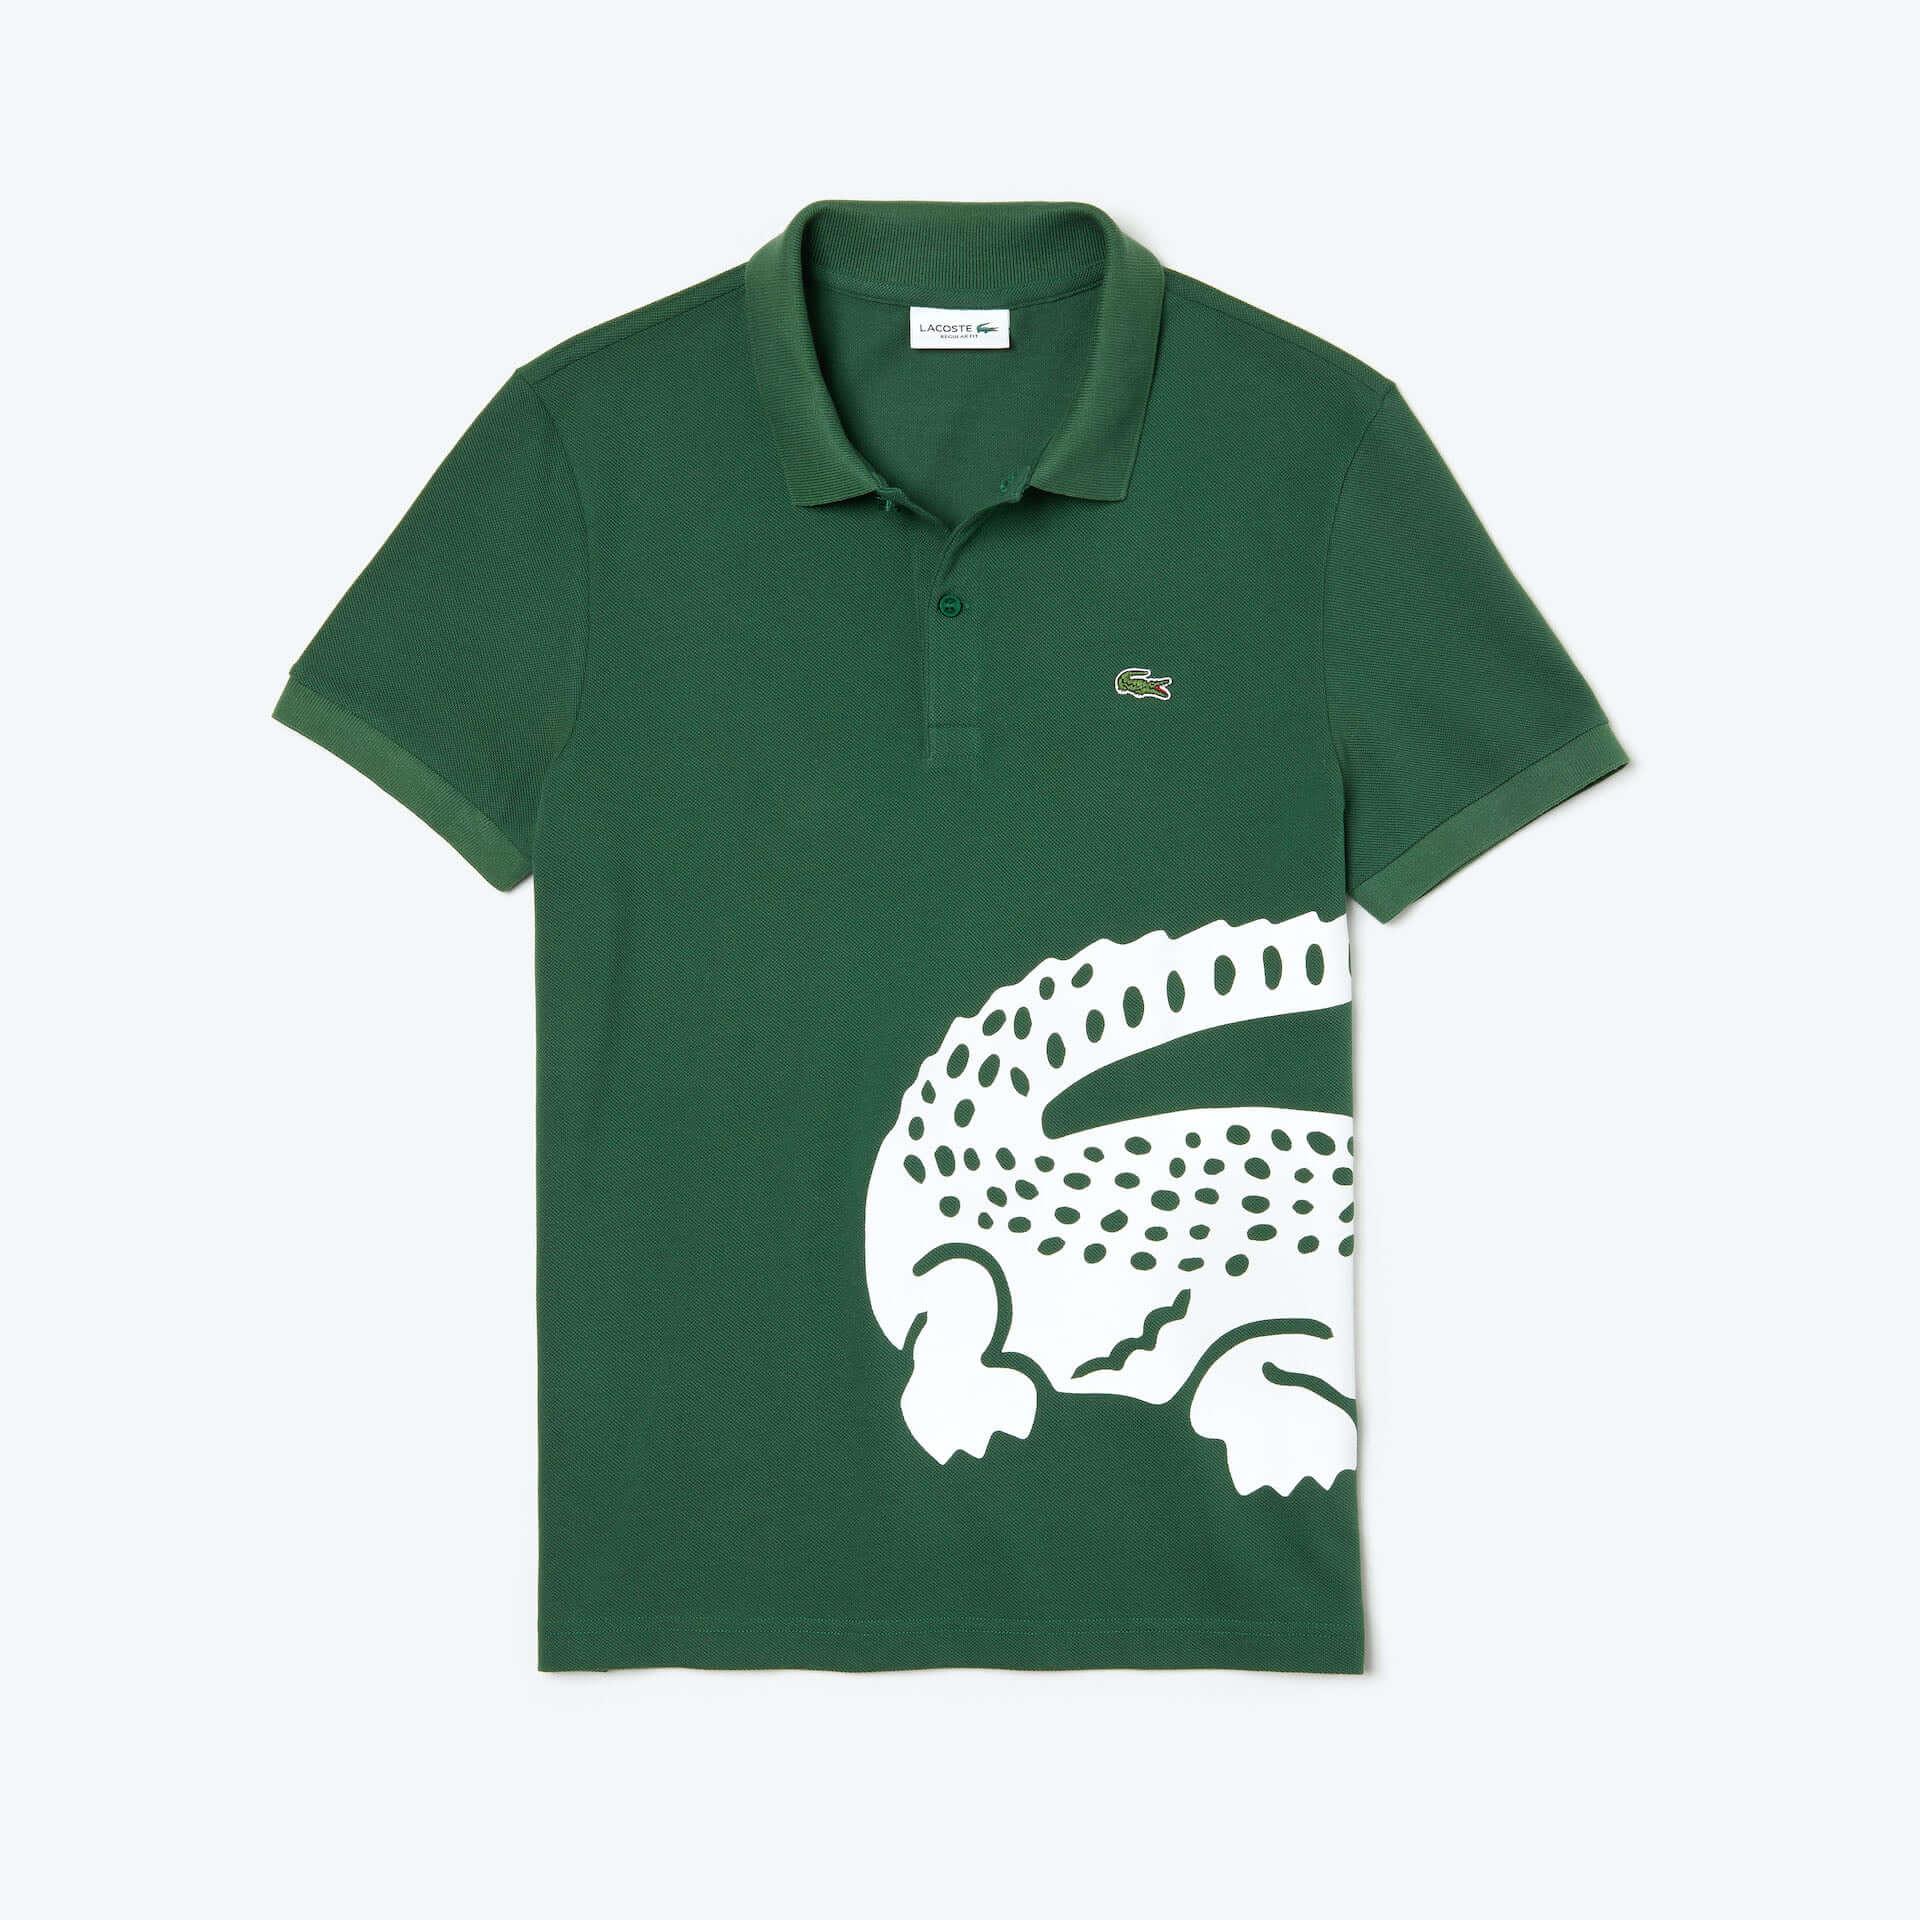 ラコステから春夏シーズンカラーの新作ポロシャツが登場!定番のワニロゴポロシャツやポロドレスも lf200519_lacoste_04-1920x1920